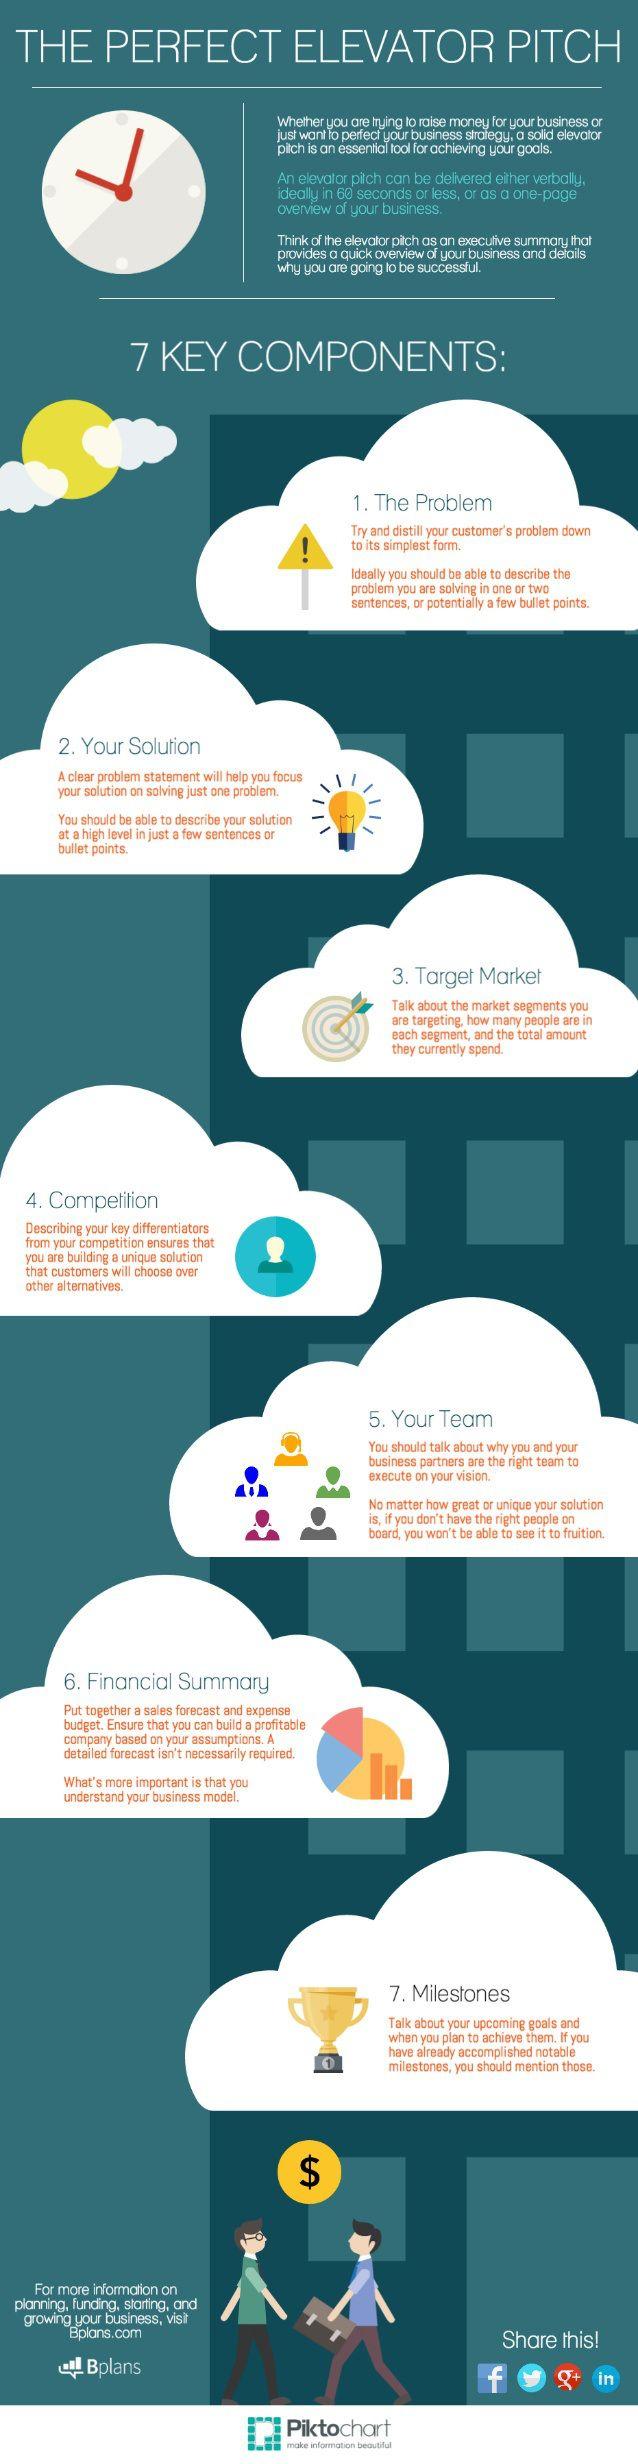 El elevator pitch perfecto #infografia #infographic #marketing | TICs y Formación